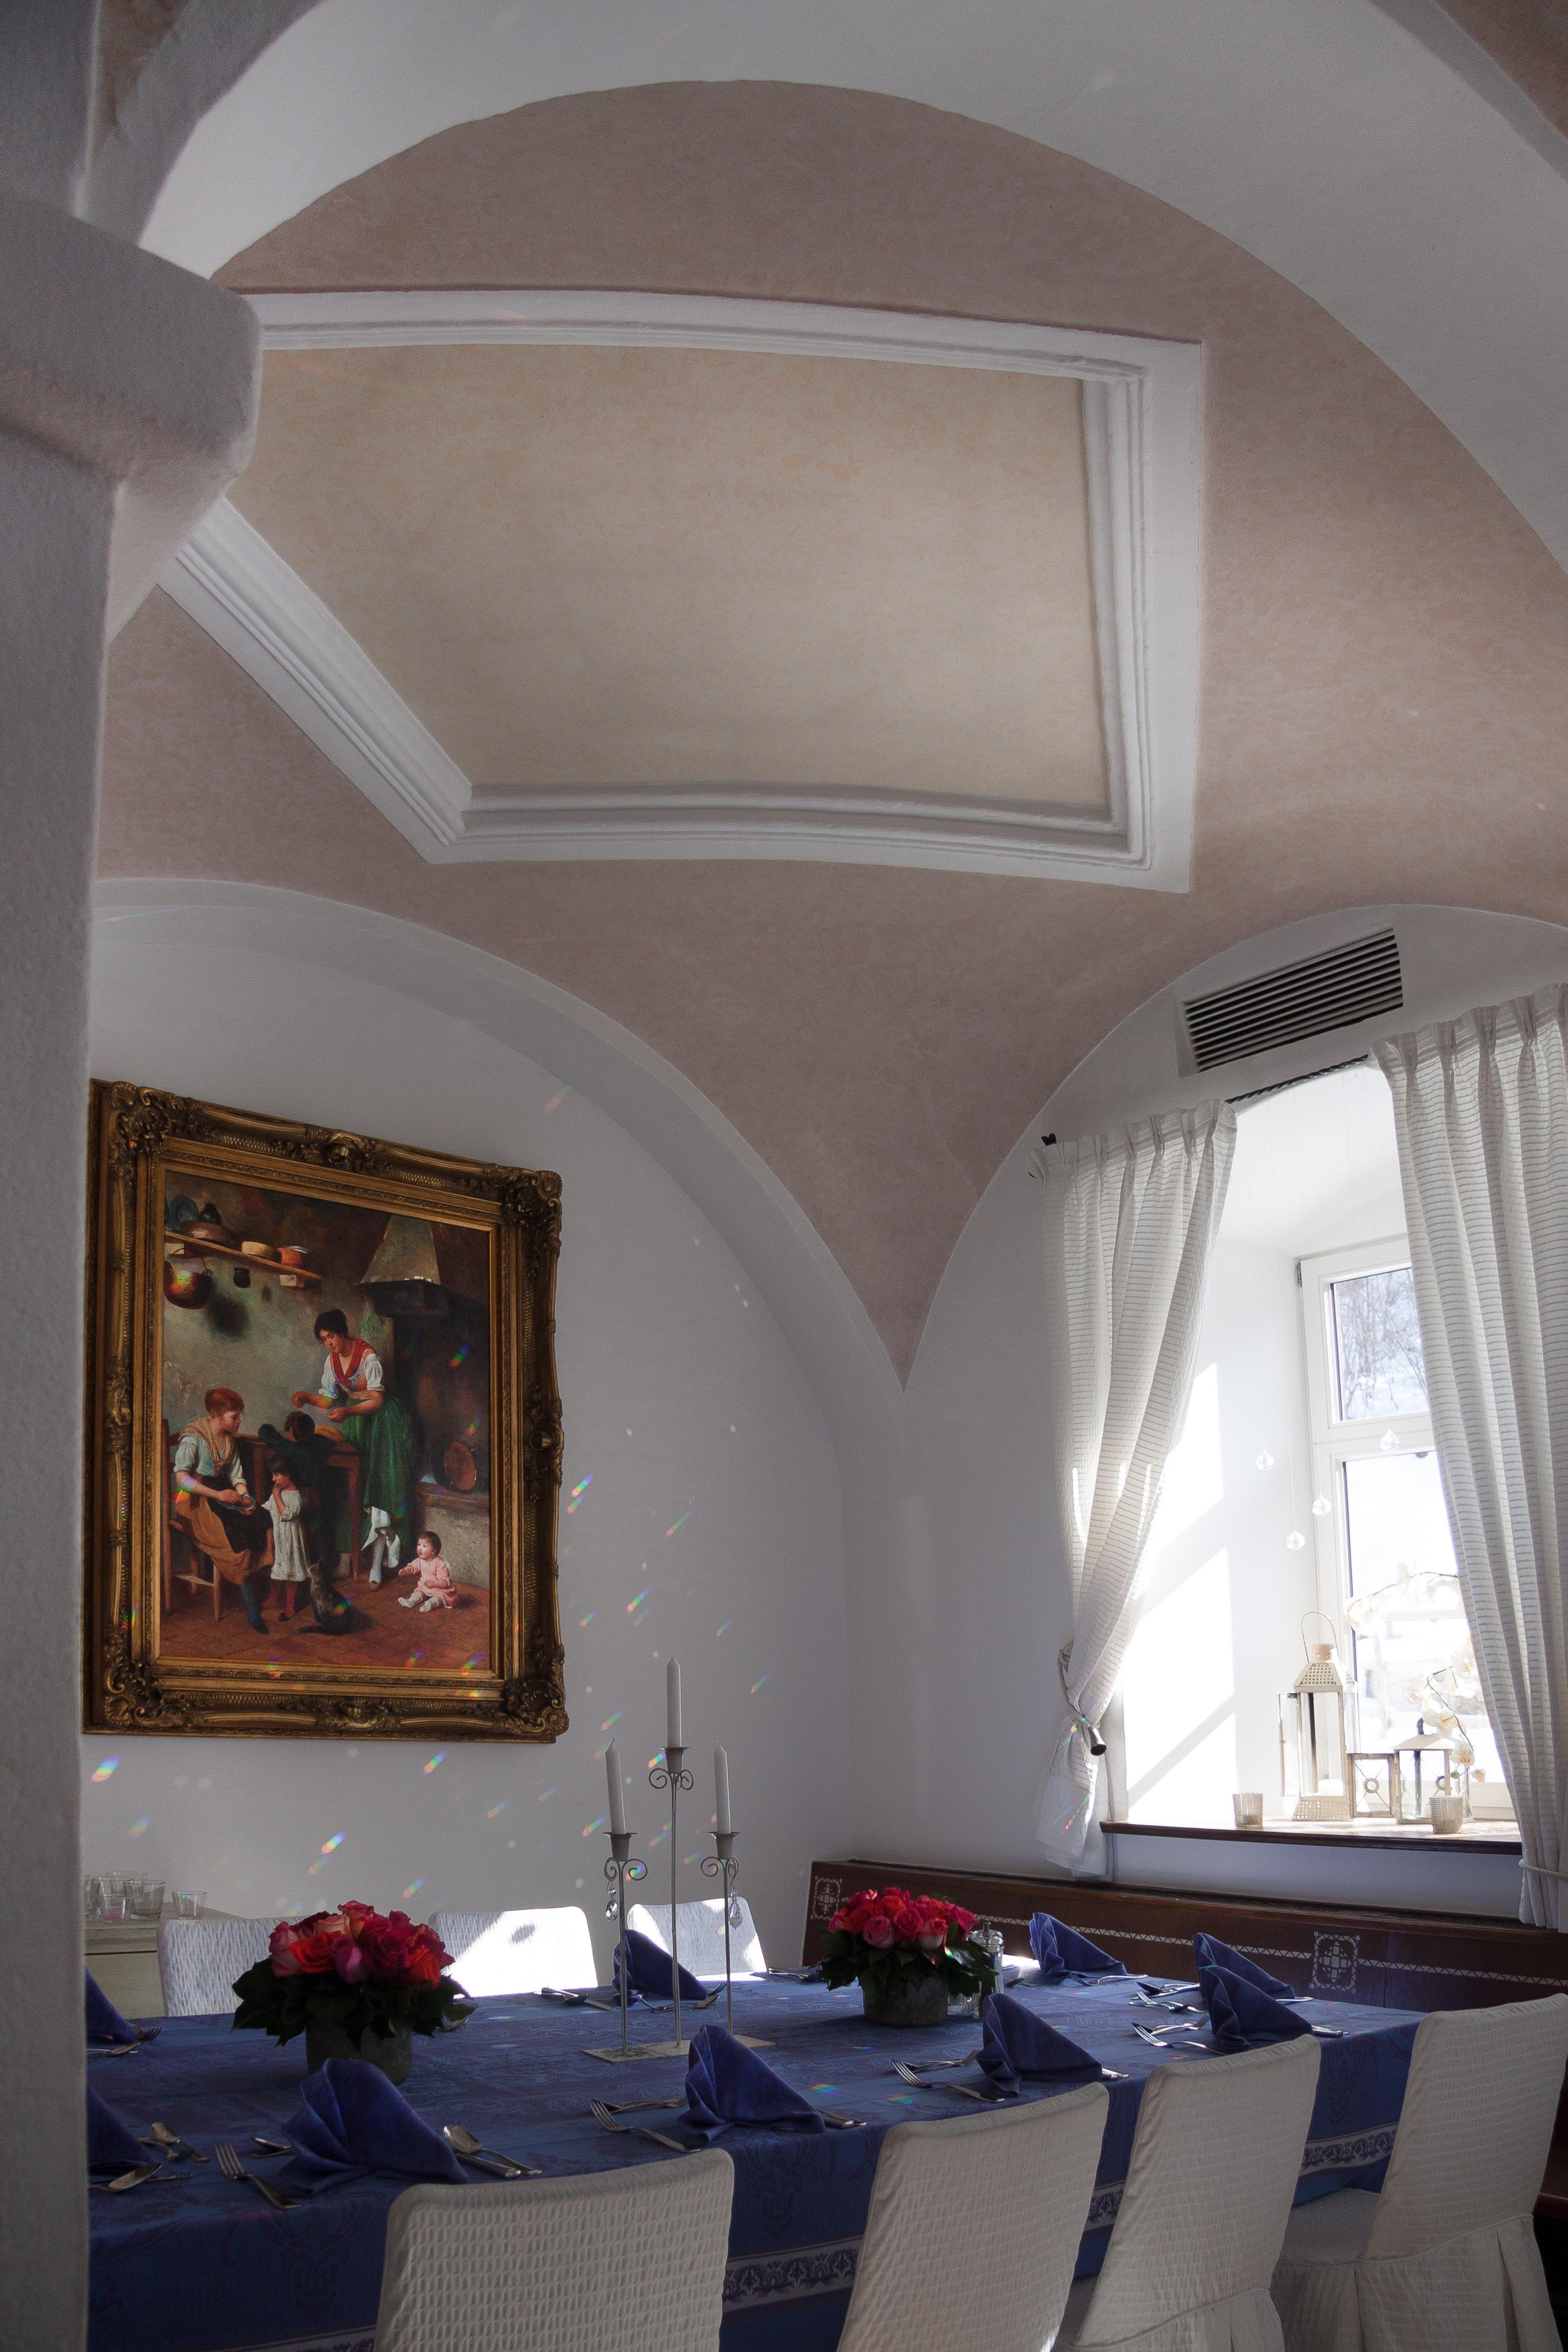 Gratis Afbeeldingen : architectuur, boord, antiek, huis, venster ...